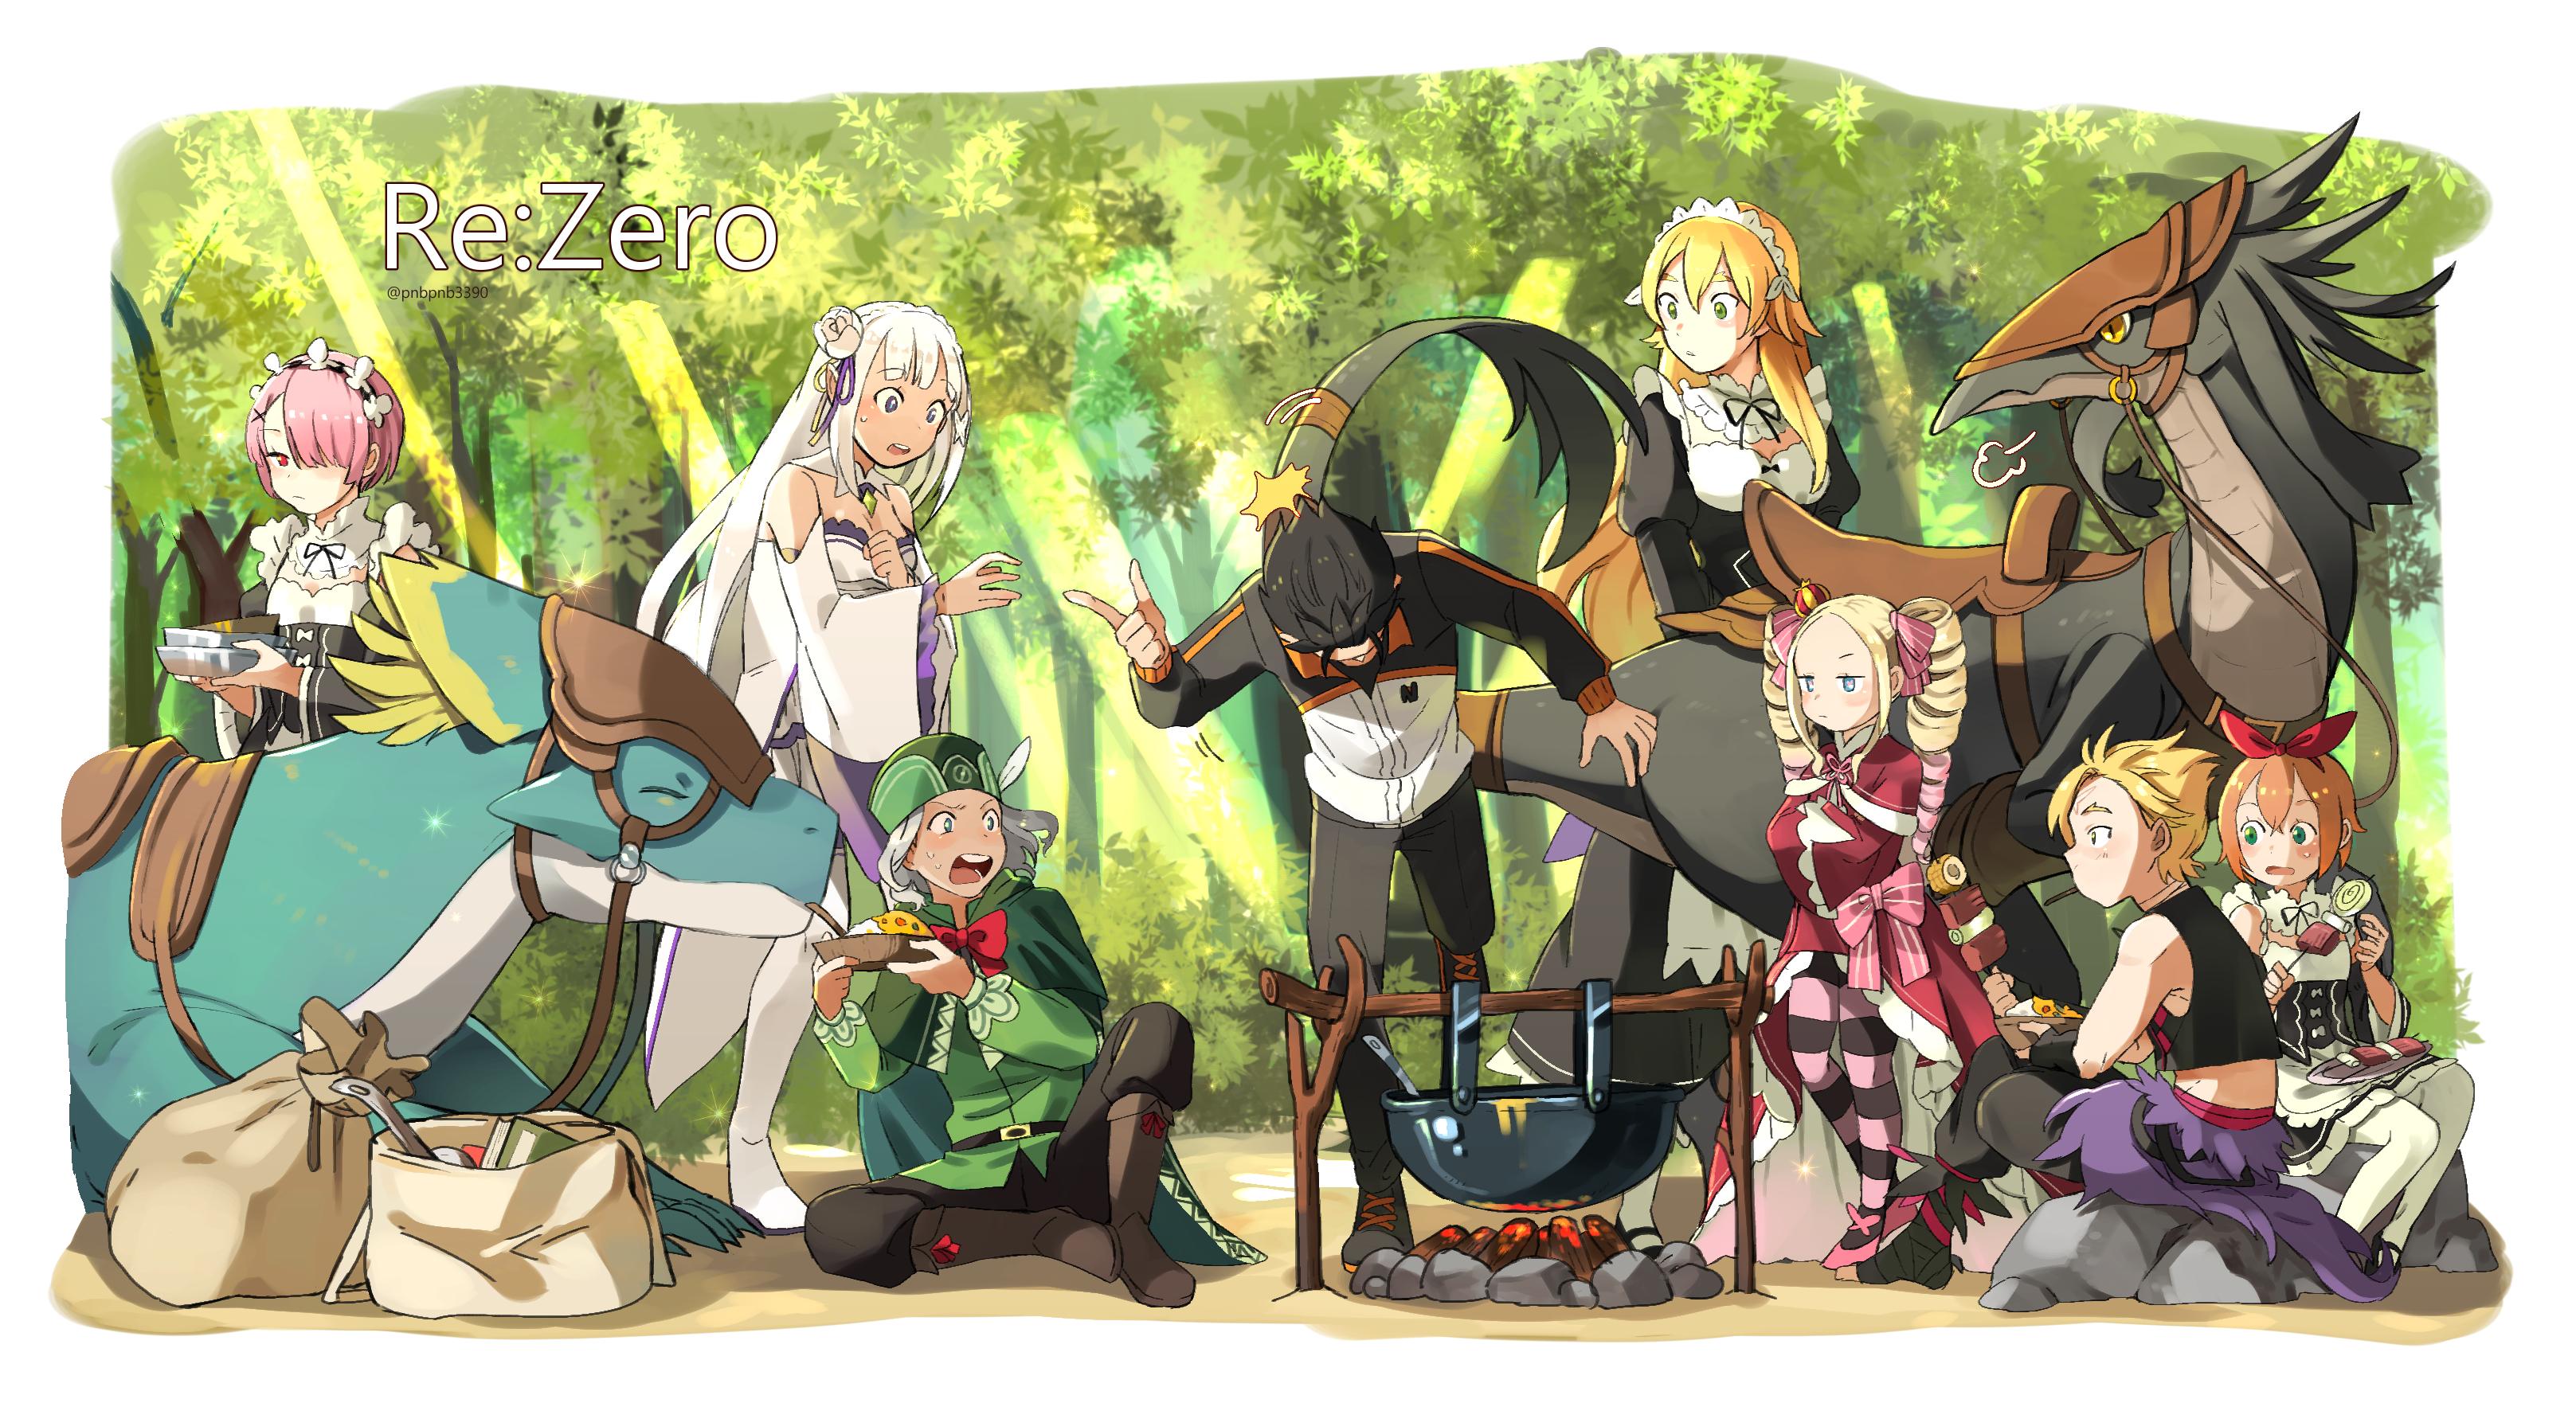 Re Zero Kara Hajimeru Isekai Seikatsu Re Zero Starting Life In Another World Image 2414115 Zerochan Anime Image Board